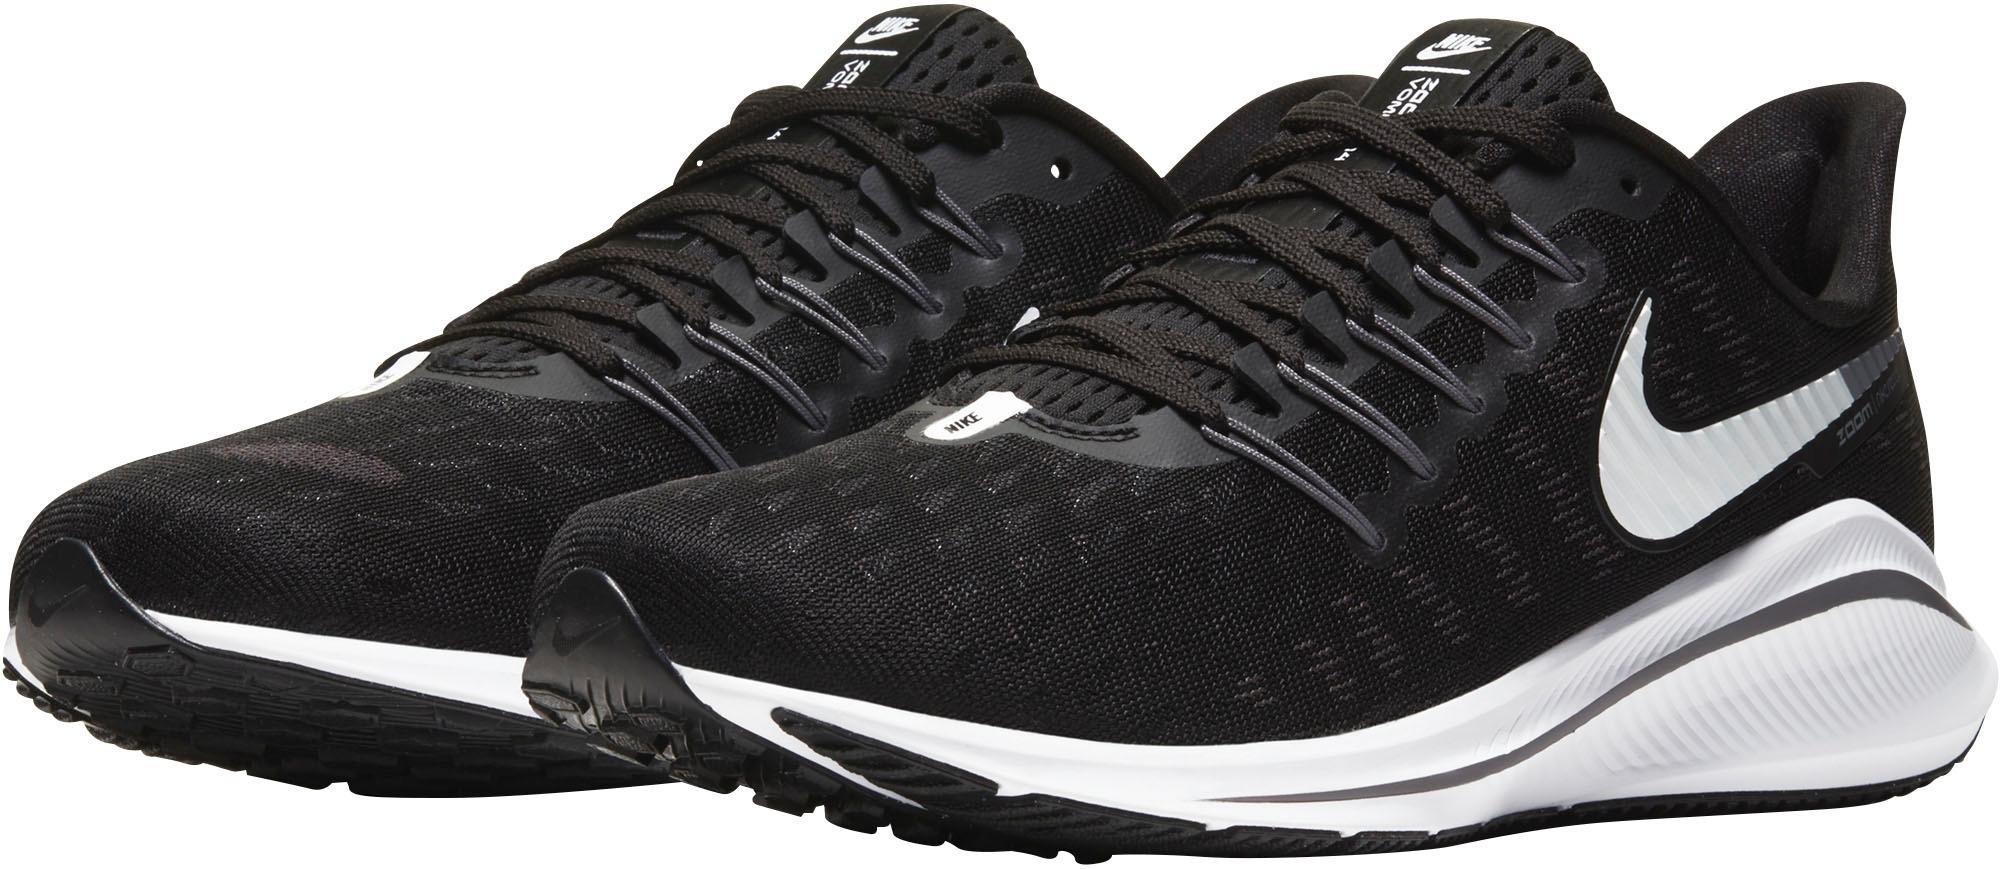 Nike runningschoenen »Air Zoom Vomero 14« nu online kopen bij OTTO